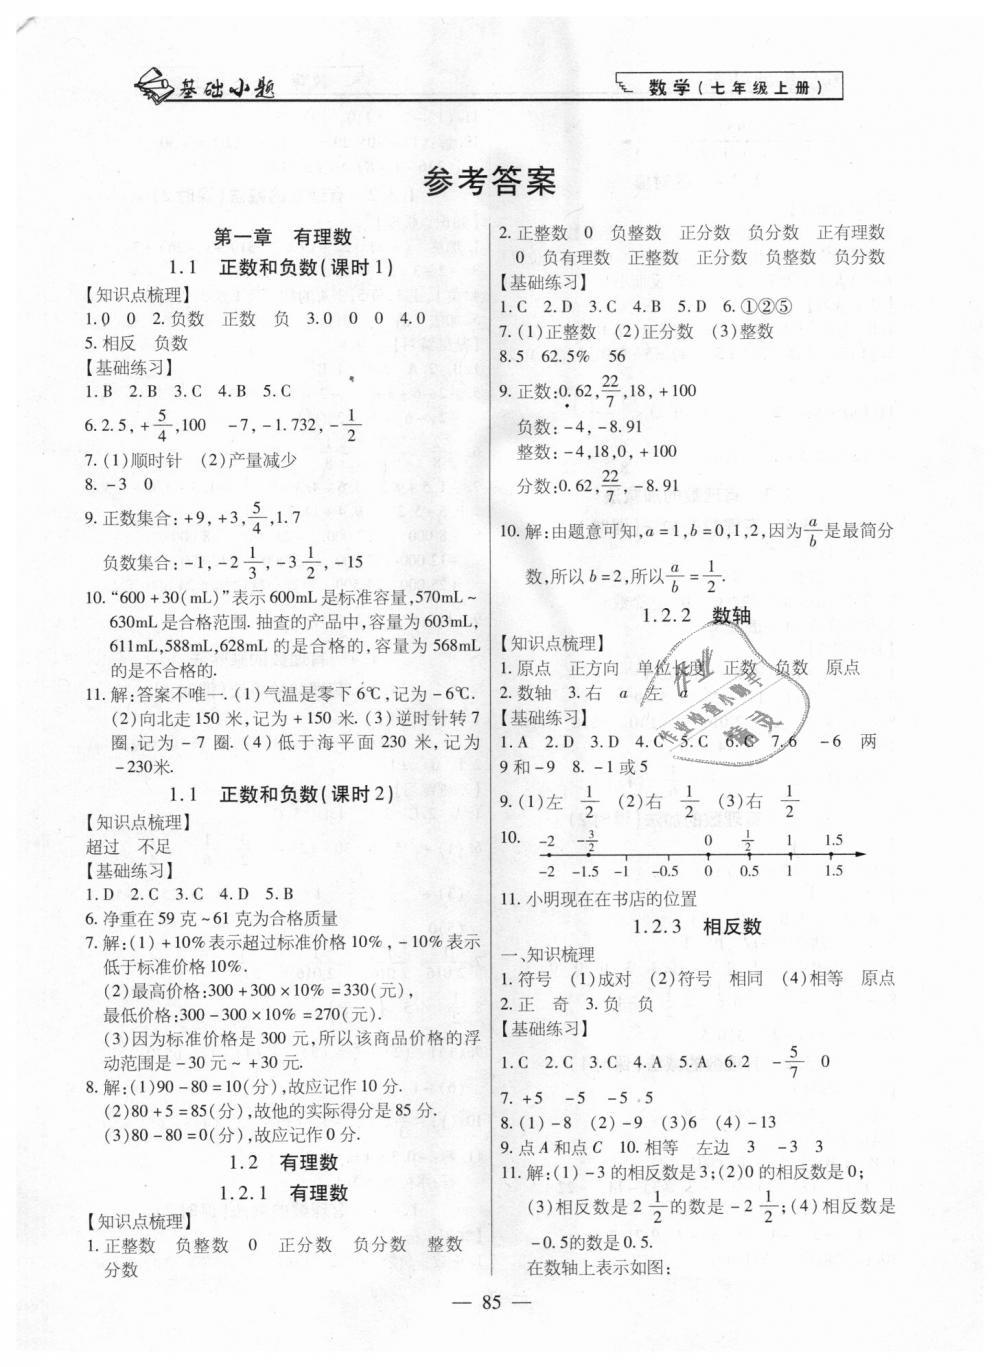 2018年全练课堂基础小题随堂练七年级数学上册人教版第1页